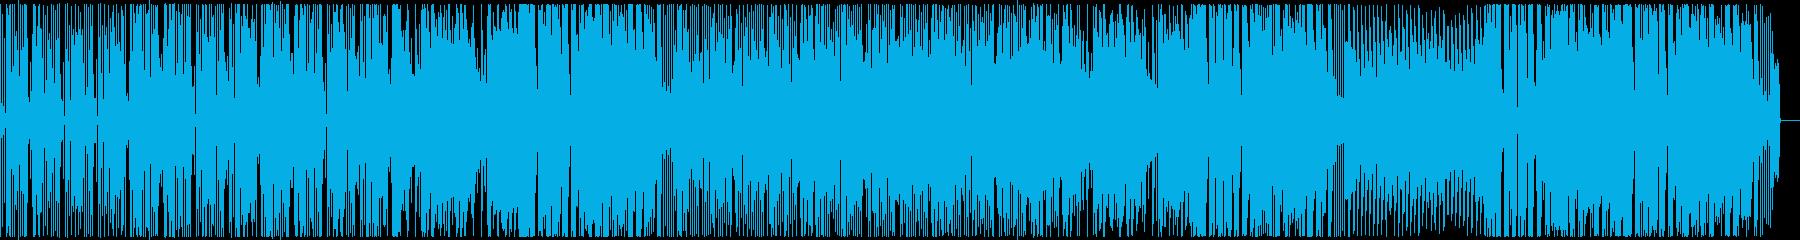 口ずさめるメロディー爽やかギターポップ!の再生済みの波形